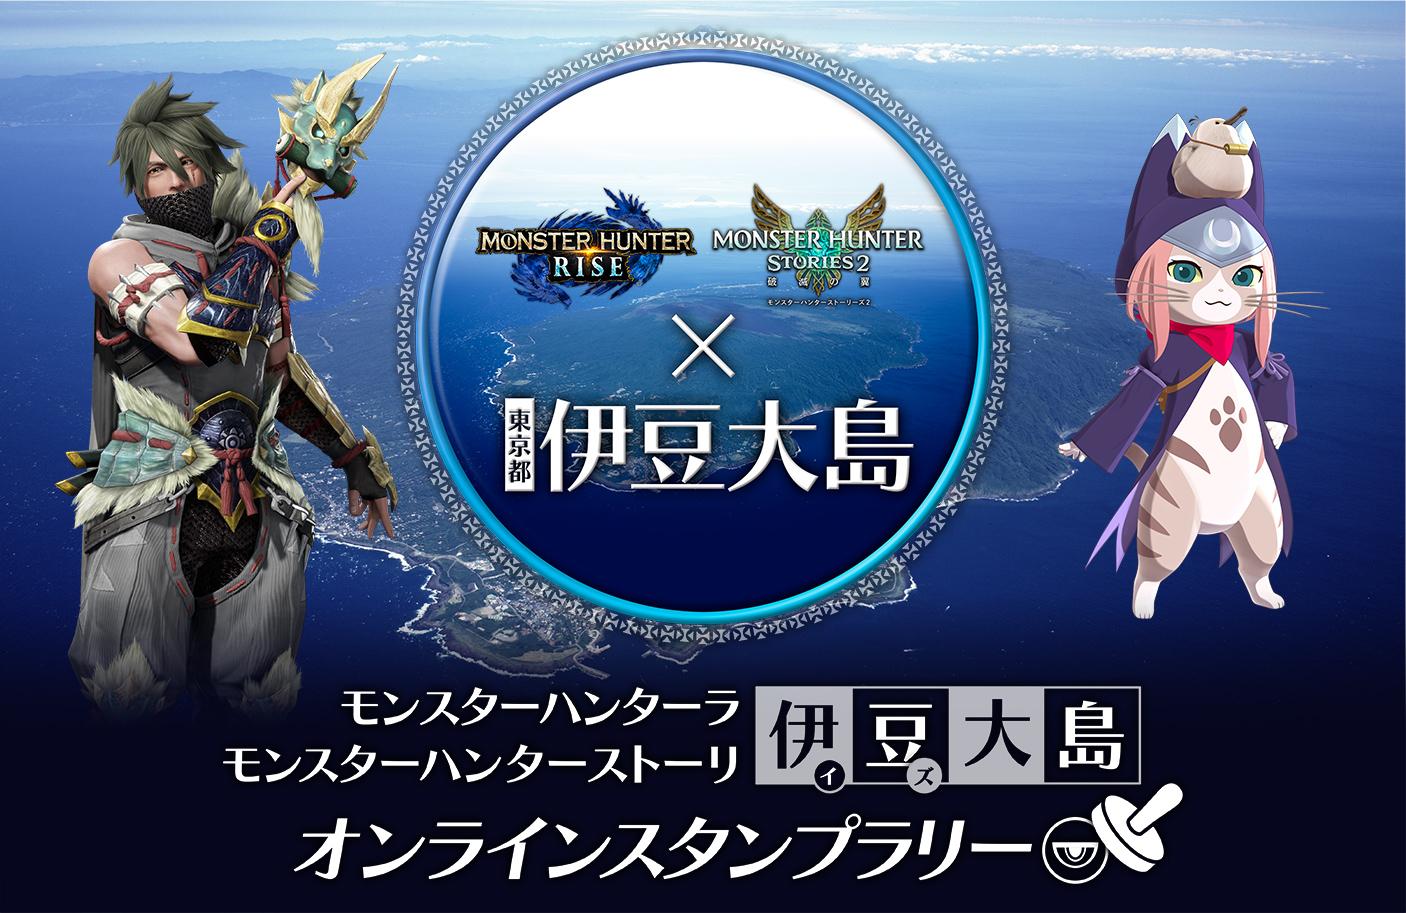 「モンスターハンターライズ」と「モンスターハンターストーリーズ2  ~破滅の翼~」が伊豆大島とコラボ決定!